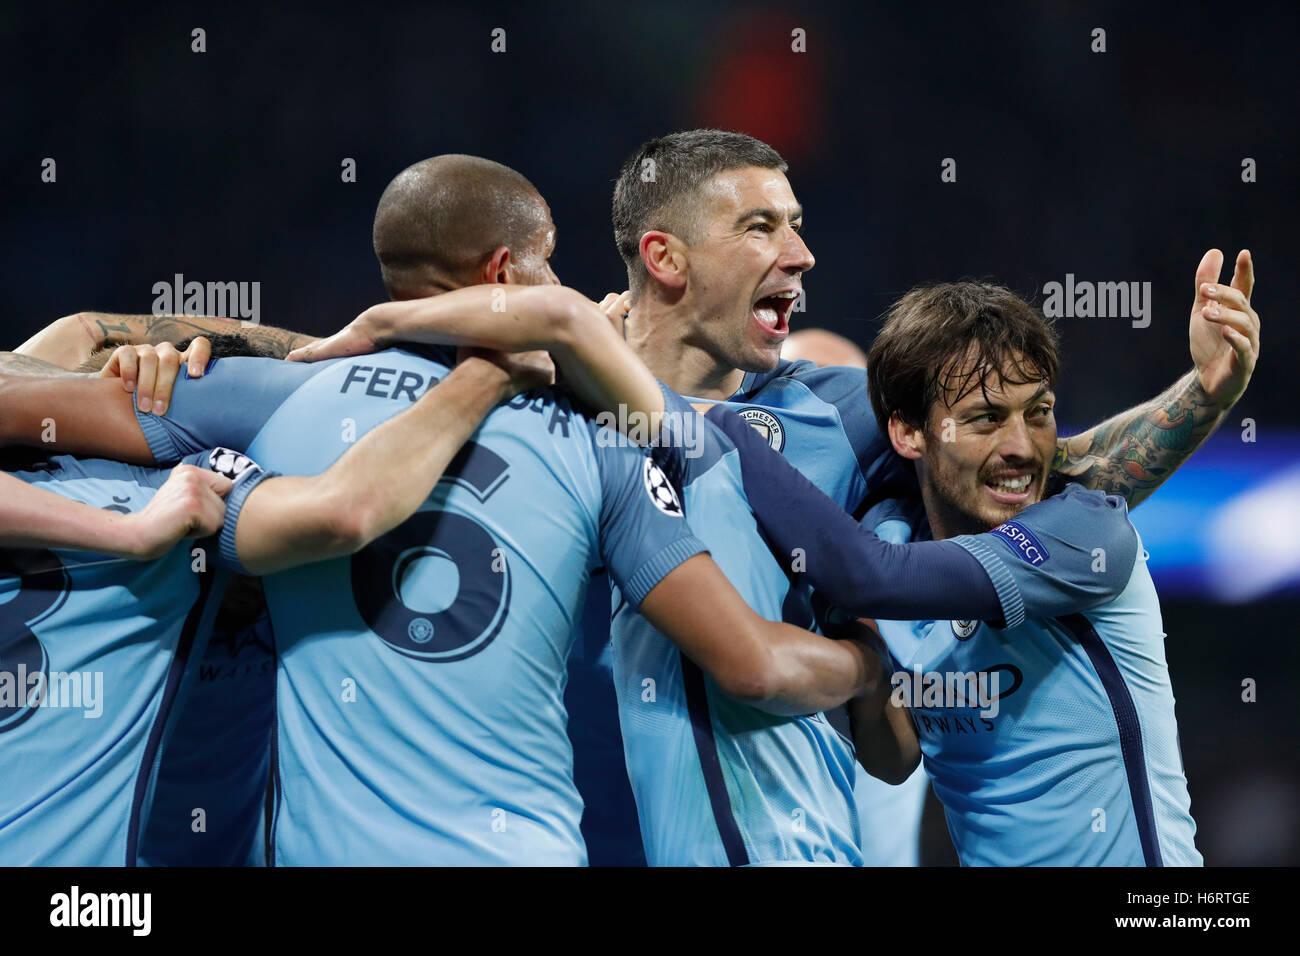 Londres, Grande-Bretagne. 1er novembre 2016. Les joueurs de Manchester City célébrer après avoir Photo Stock